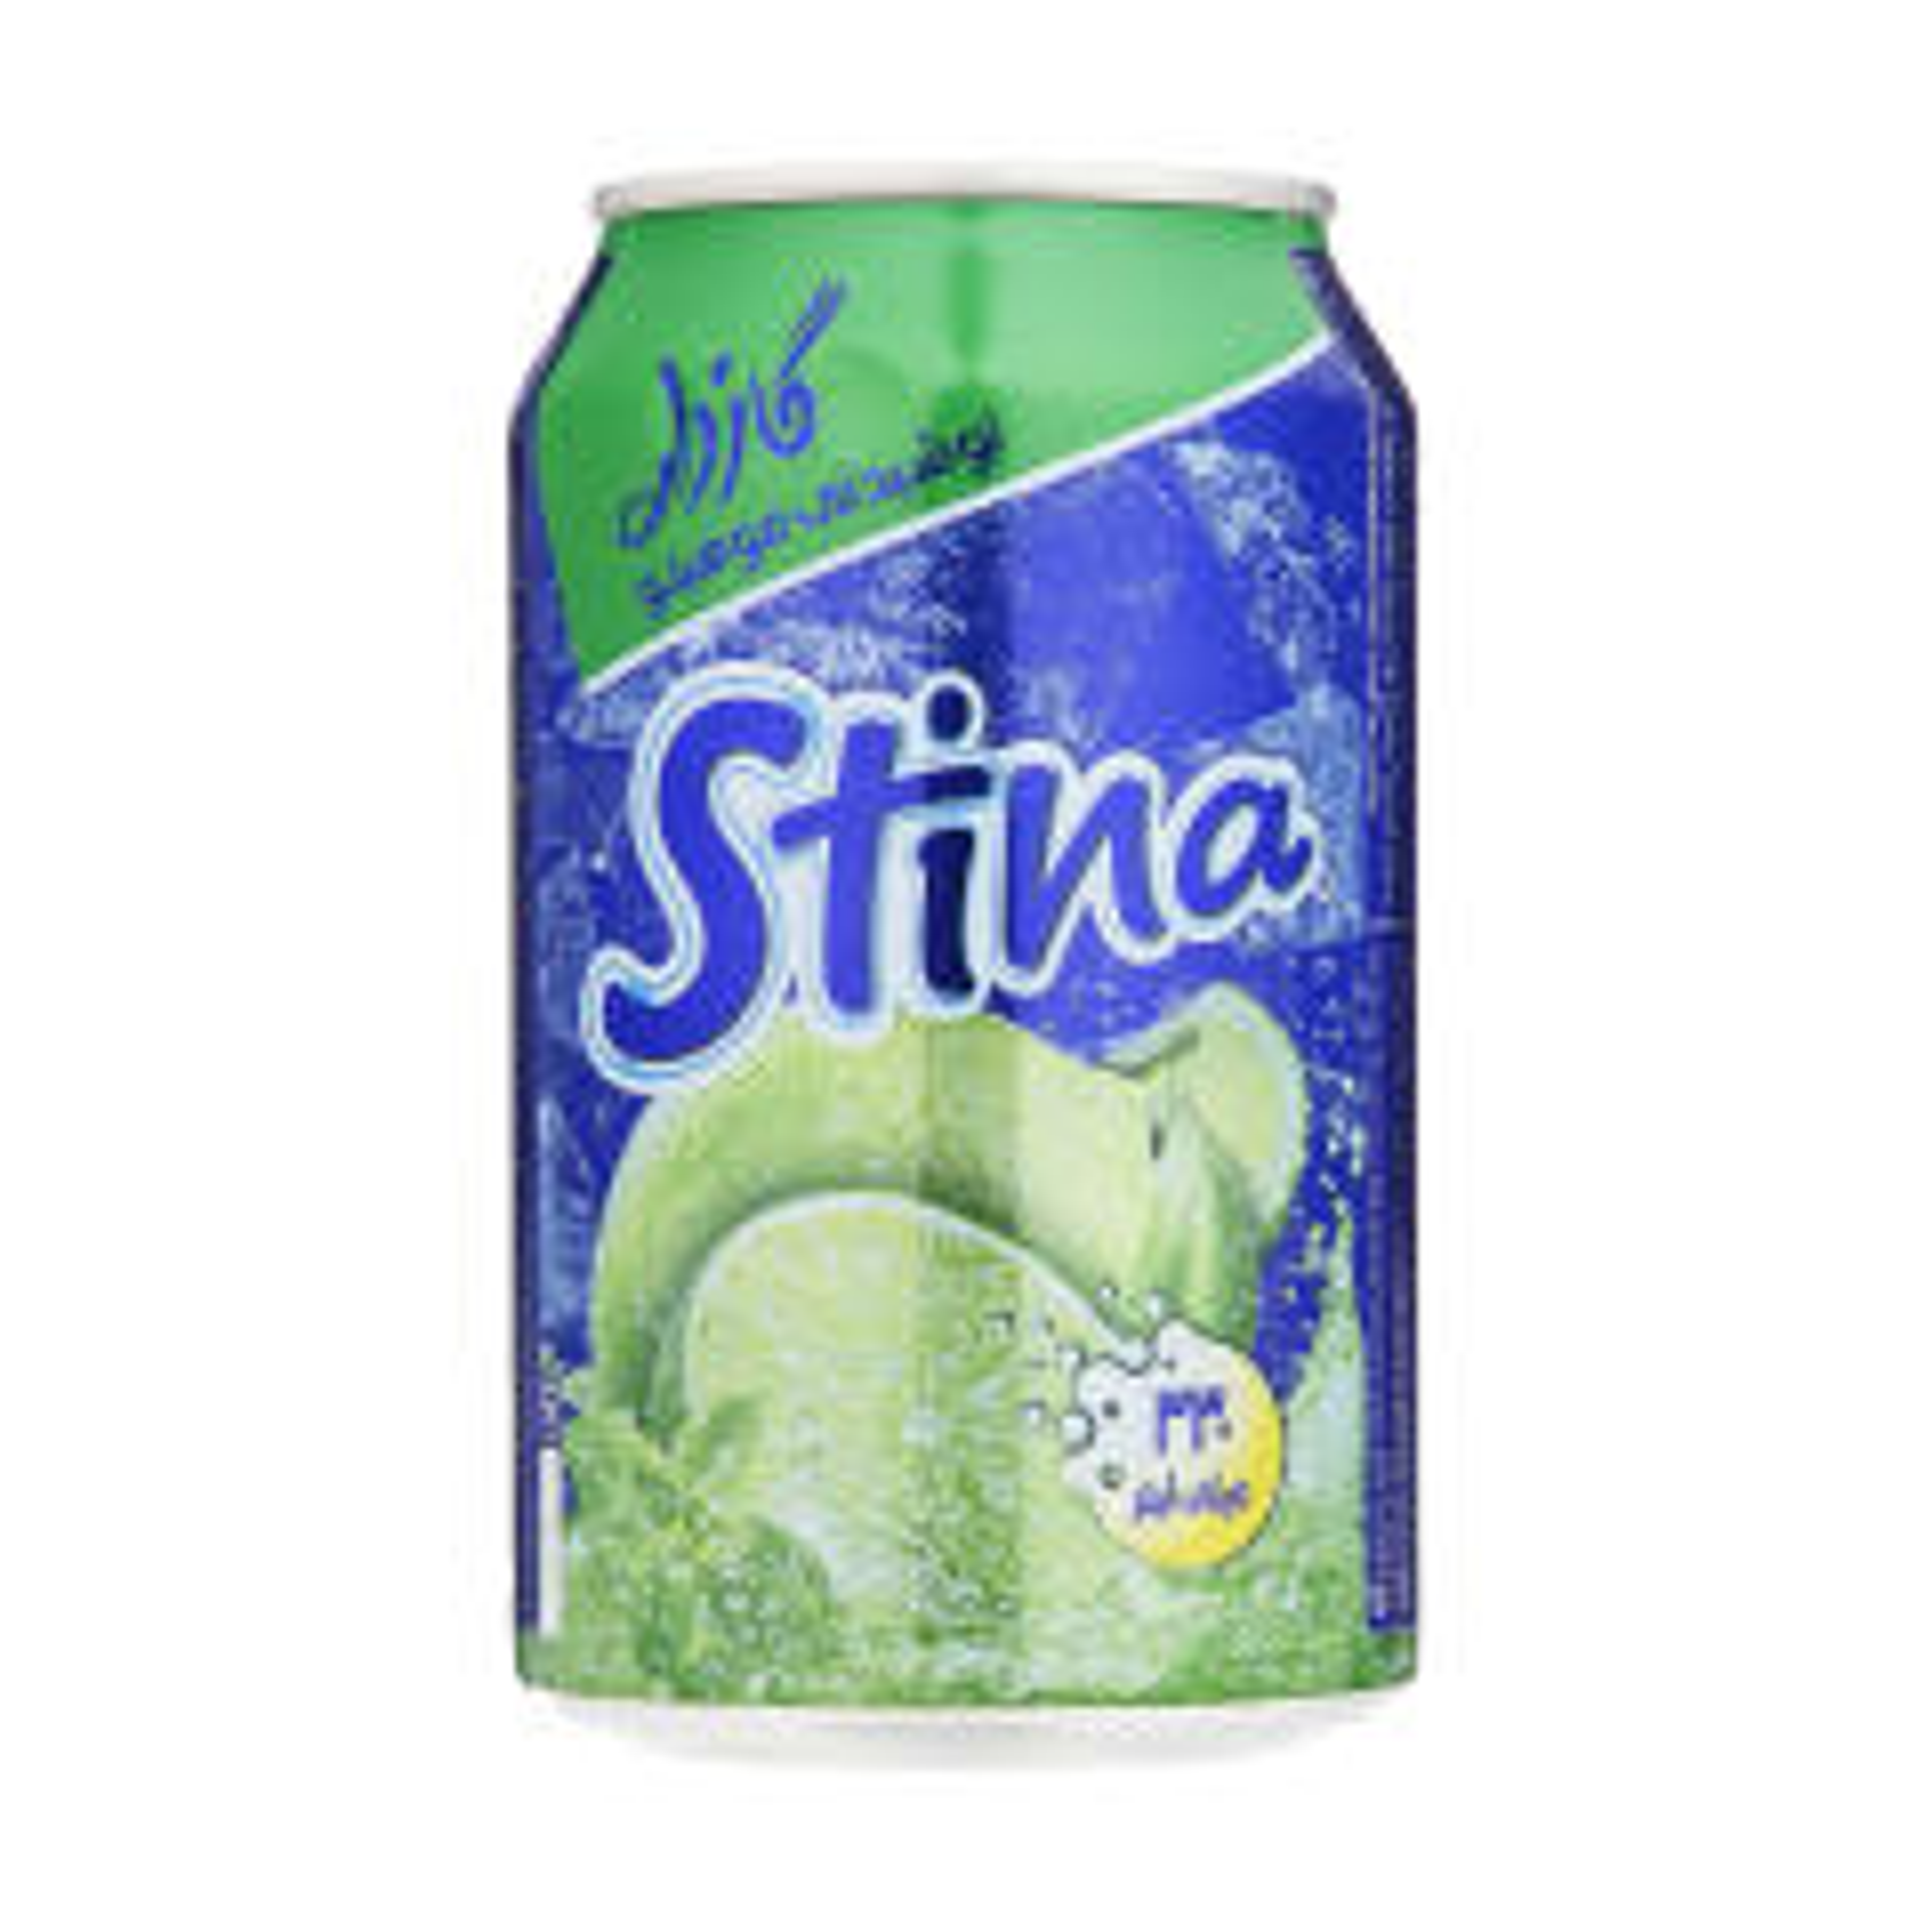 نوشیدنی گازدار موهیتو استینا - 330 میلی لیتر